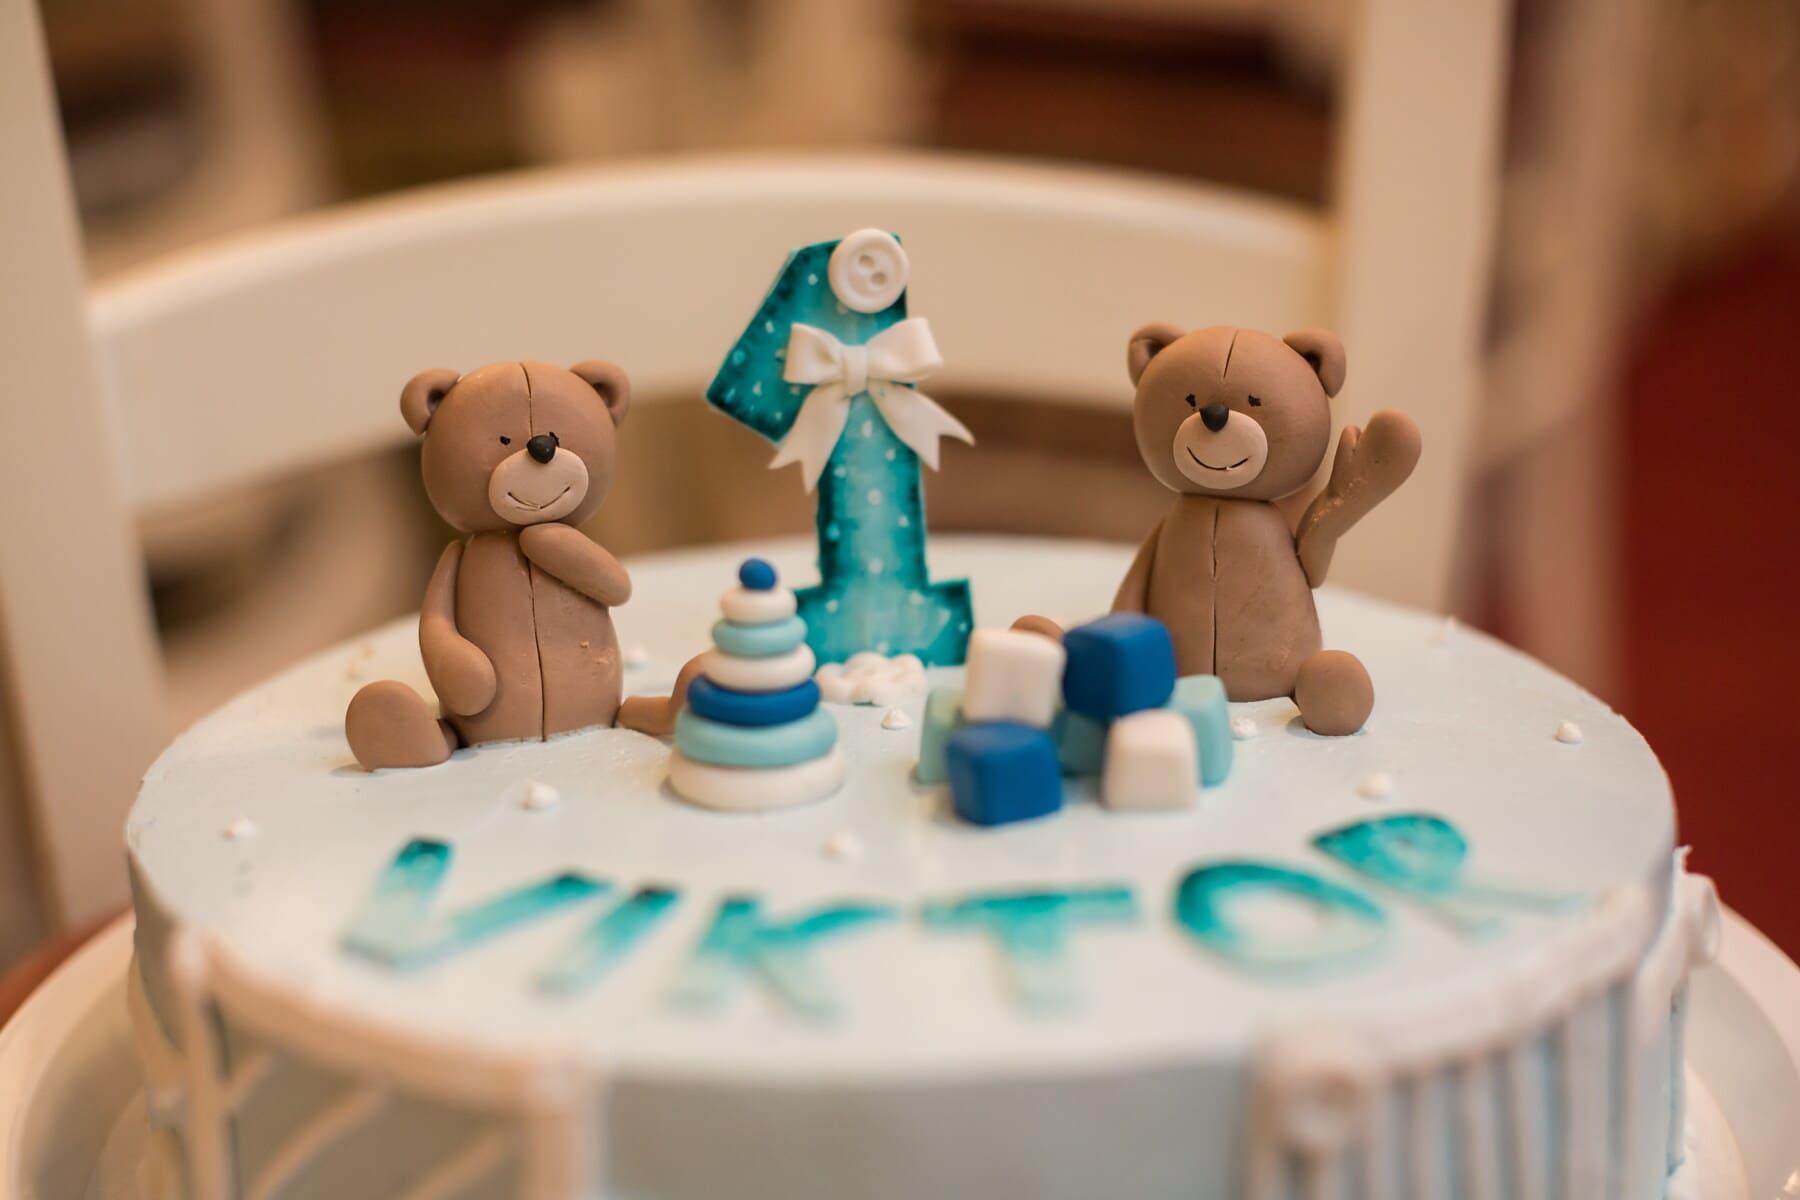 decoratie, lichtbruin, verjaardagstaart, verjaardag, teddybeer speelgoed, taart, binnenshuis, bakken, speelgoed, plezier